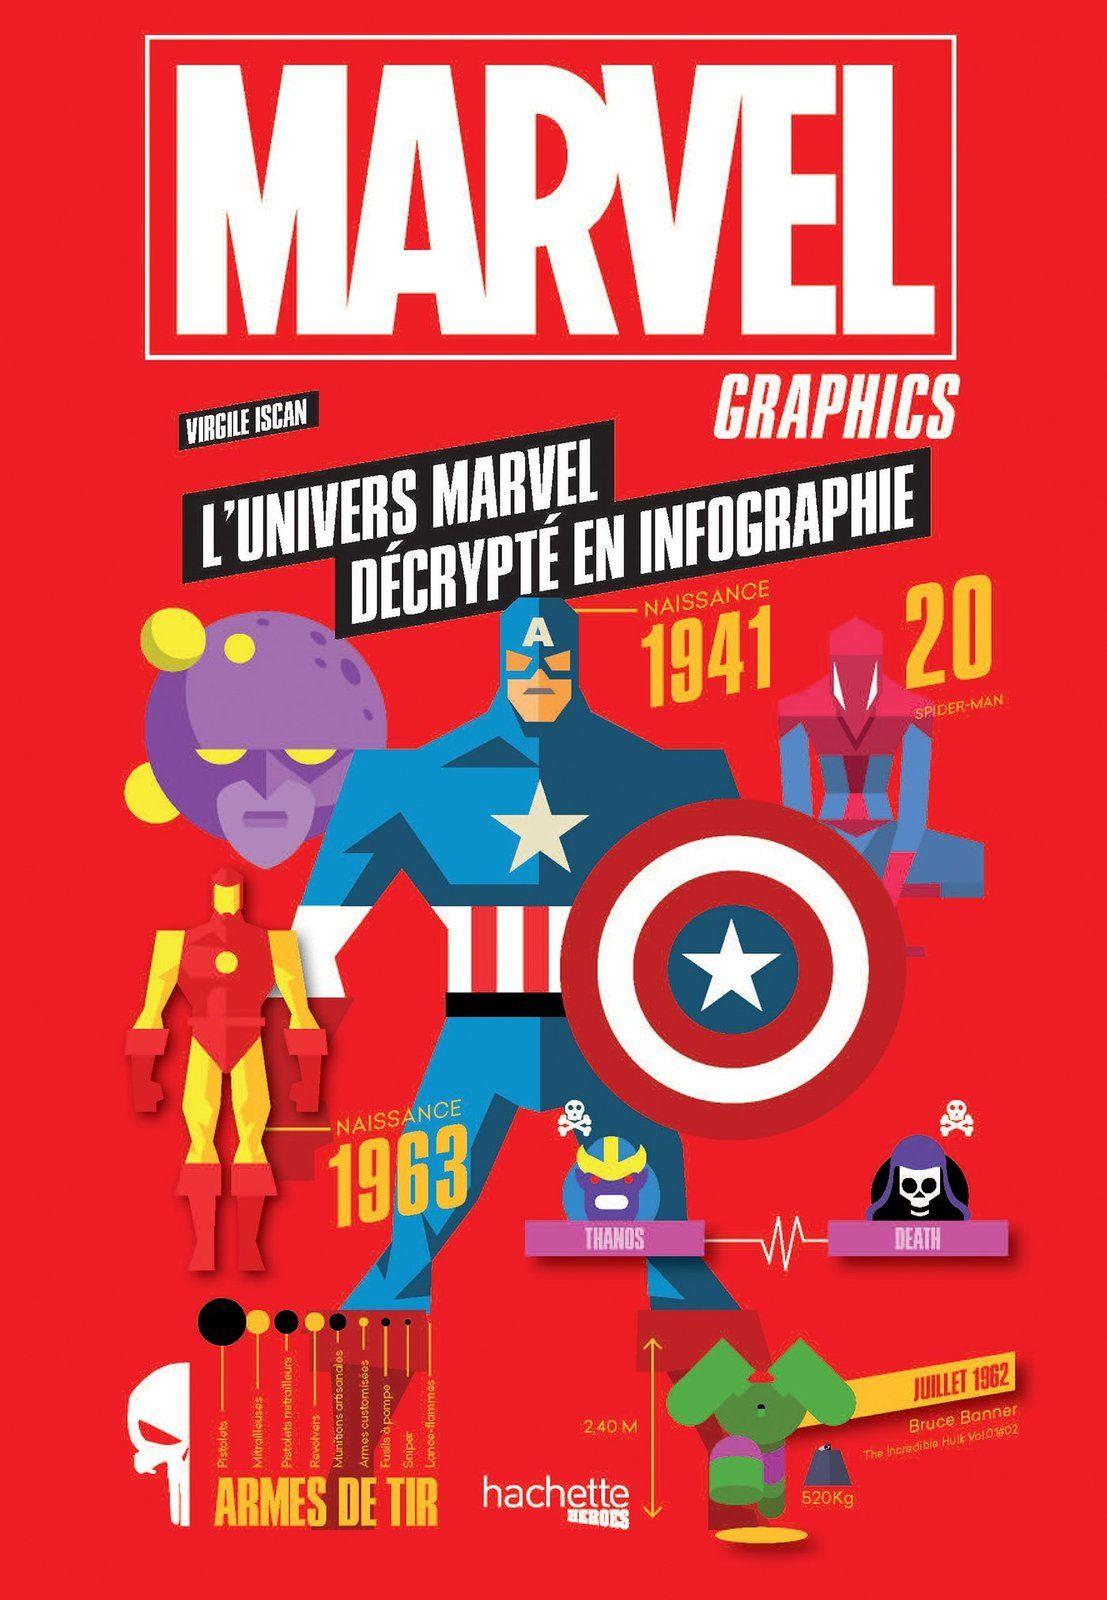 [REVUE LIVRE CINEMA/GEEK] MARVEL GRAPHICS de Virgile ISCAN aux éditions HACHETTE HEROES